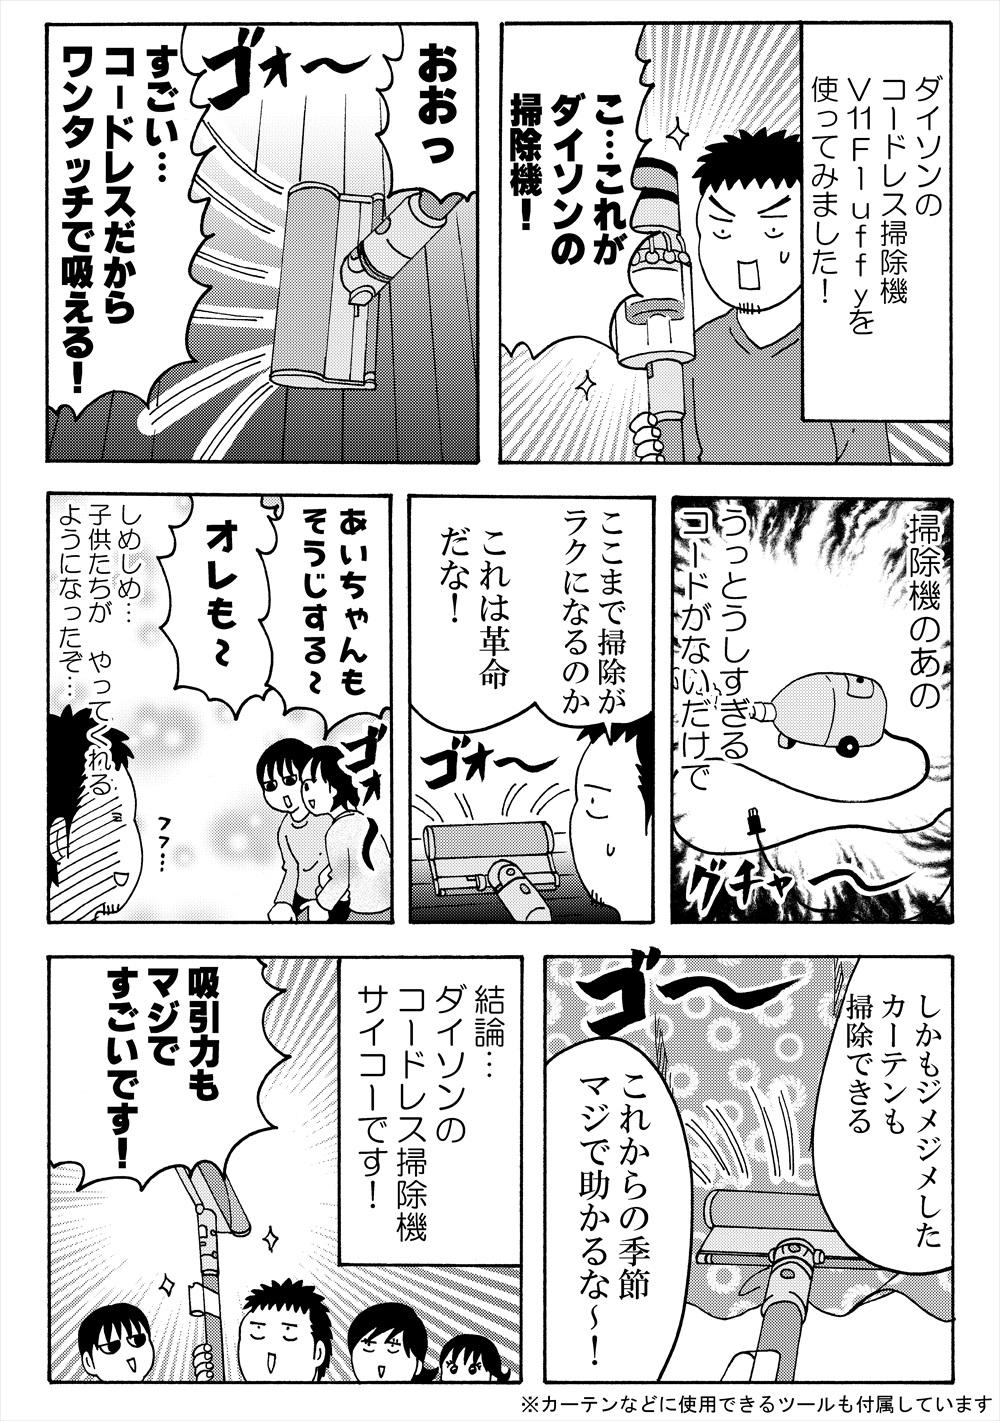 ダイソン修正_R